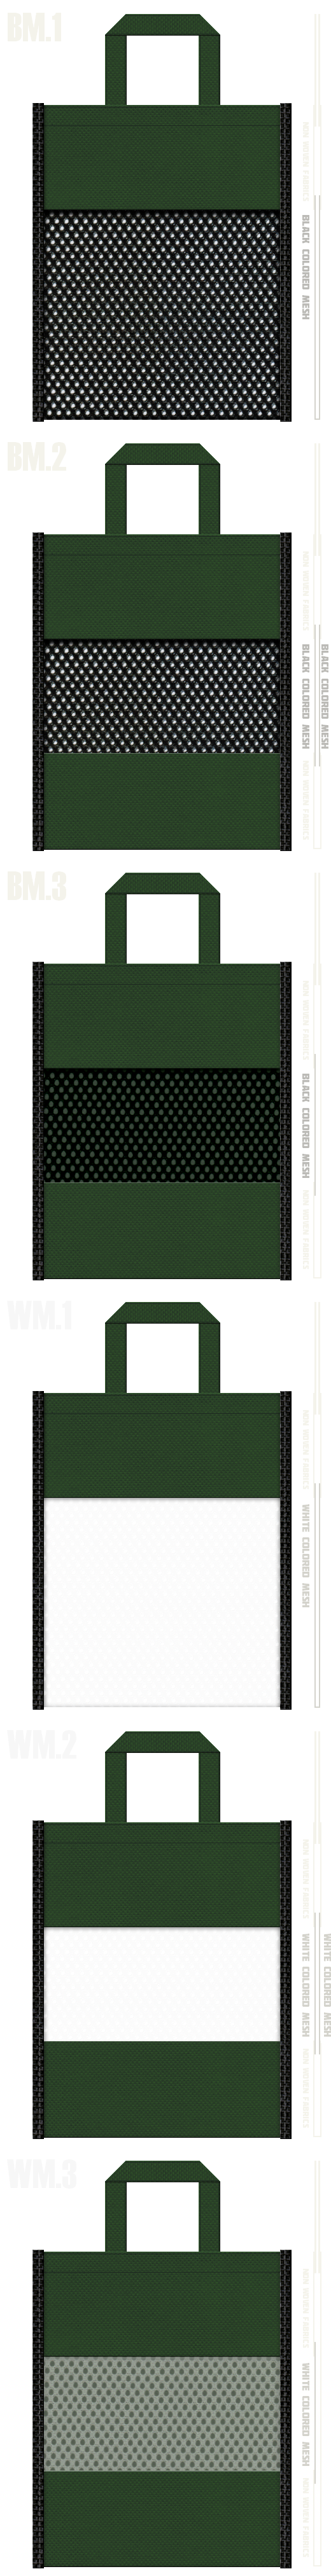 フラットタイプのメッシュバッグのカラーシミュレーション:黒色・白色メッシュと濃緑色不織布の組み合わせ